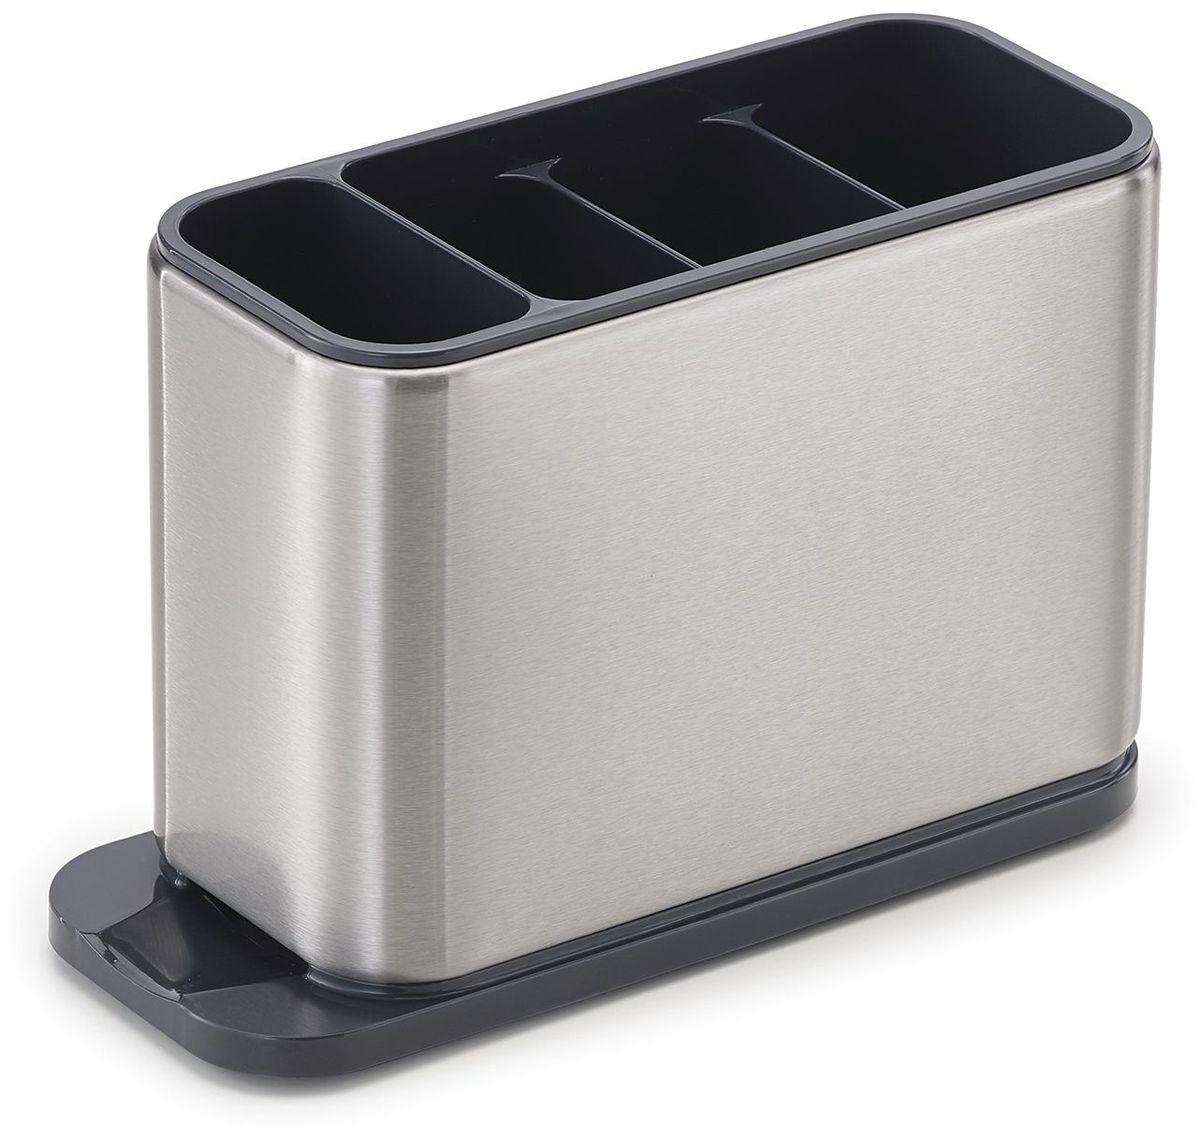 Подставка для кухонных приборов Joseph Joseph Surface, 13,5 х 20,2 х 8,4 см85110Вместительный органайзер для сушки столовых приборов выполнен из высокопрочной стали. Отличается большой вместительностью при компактном размере благодаря разделению на сегменты под каждый вид столовых приборов. Дополнительно предусмотрен специальный отсек для мелких предметов. Вода со столовых приборов свободно стекает благодаря наклонному основанию и встроенному сливу. Органайзер просто разбирается и легко моется. Нескользящие ножки обеспечивают хорошую устойчивость на любой поверхности. Коллекция Surface - современное решение для организации рабочего пространства кухни. Все предметы коллекции изготовлены из стали класса SS430, хорошо известной своими высочайшими антикоррозийными свойствами.